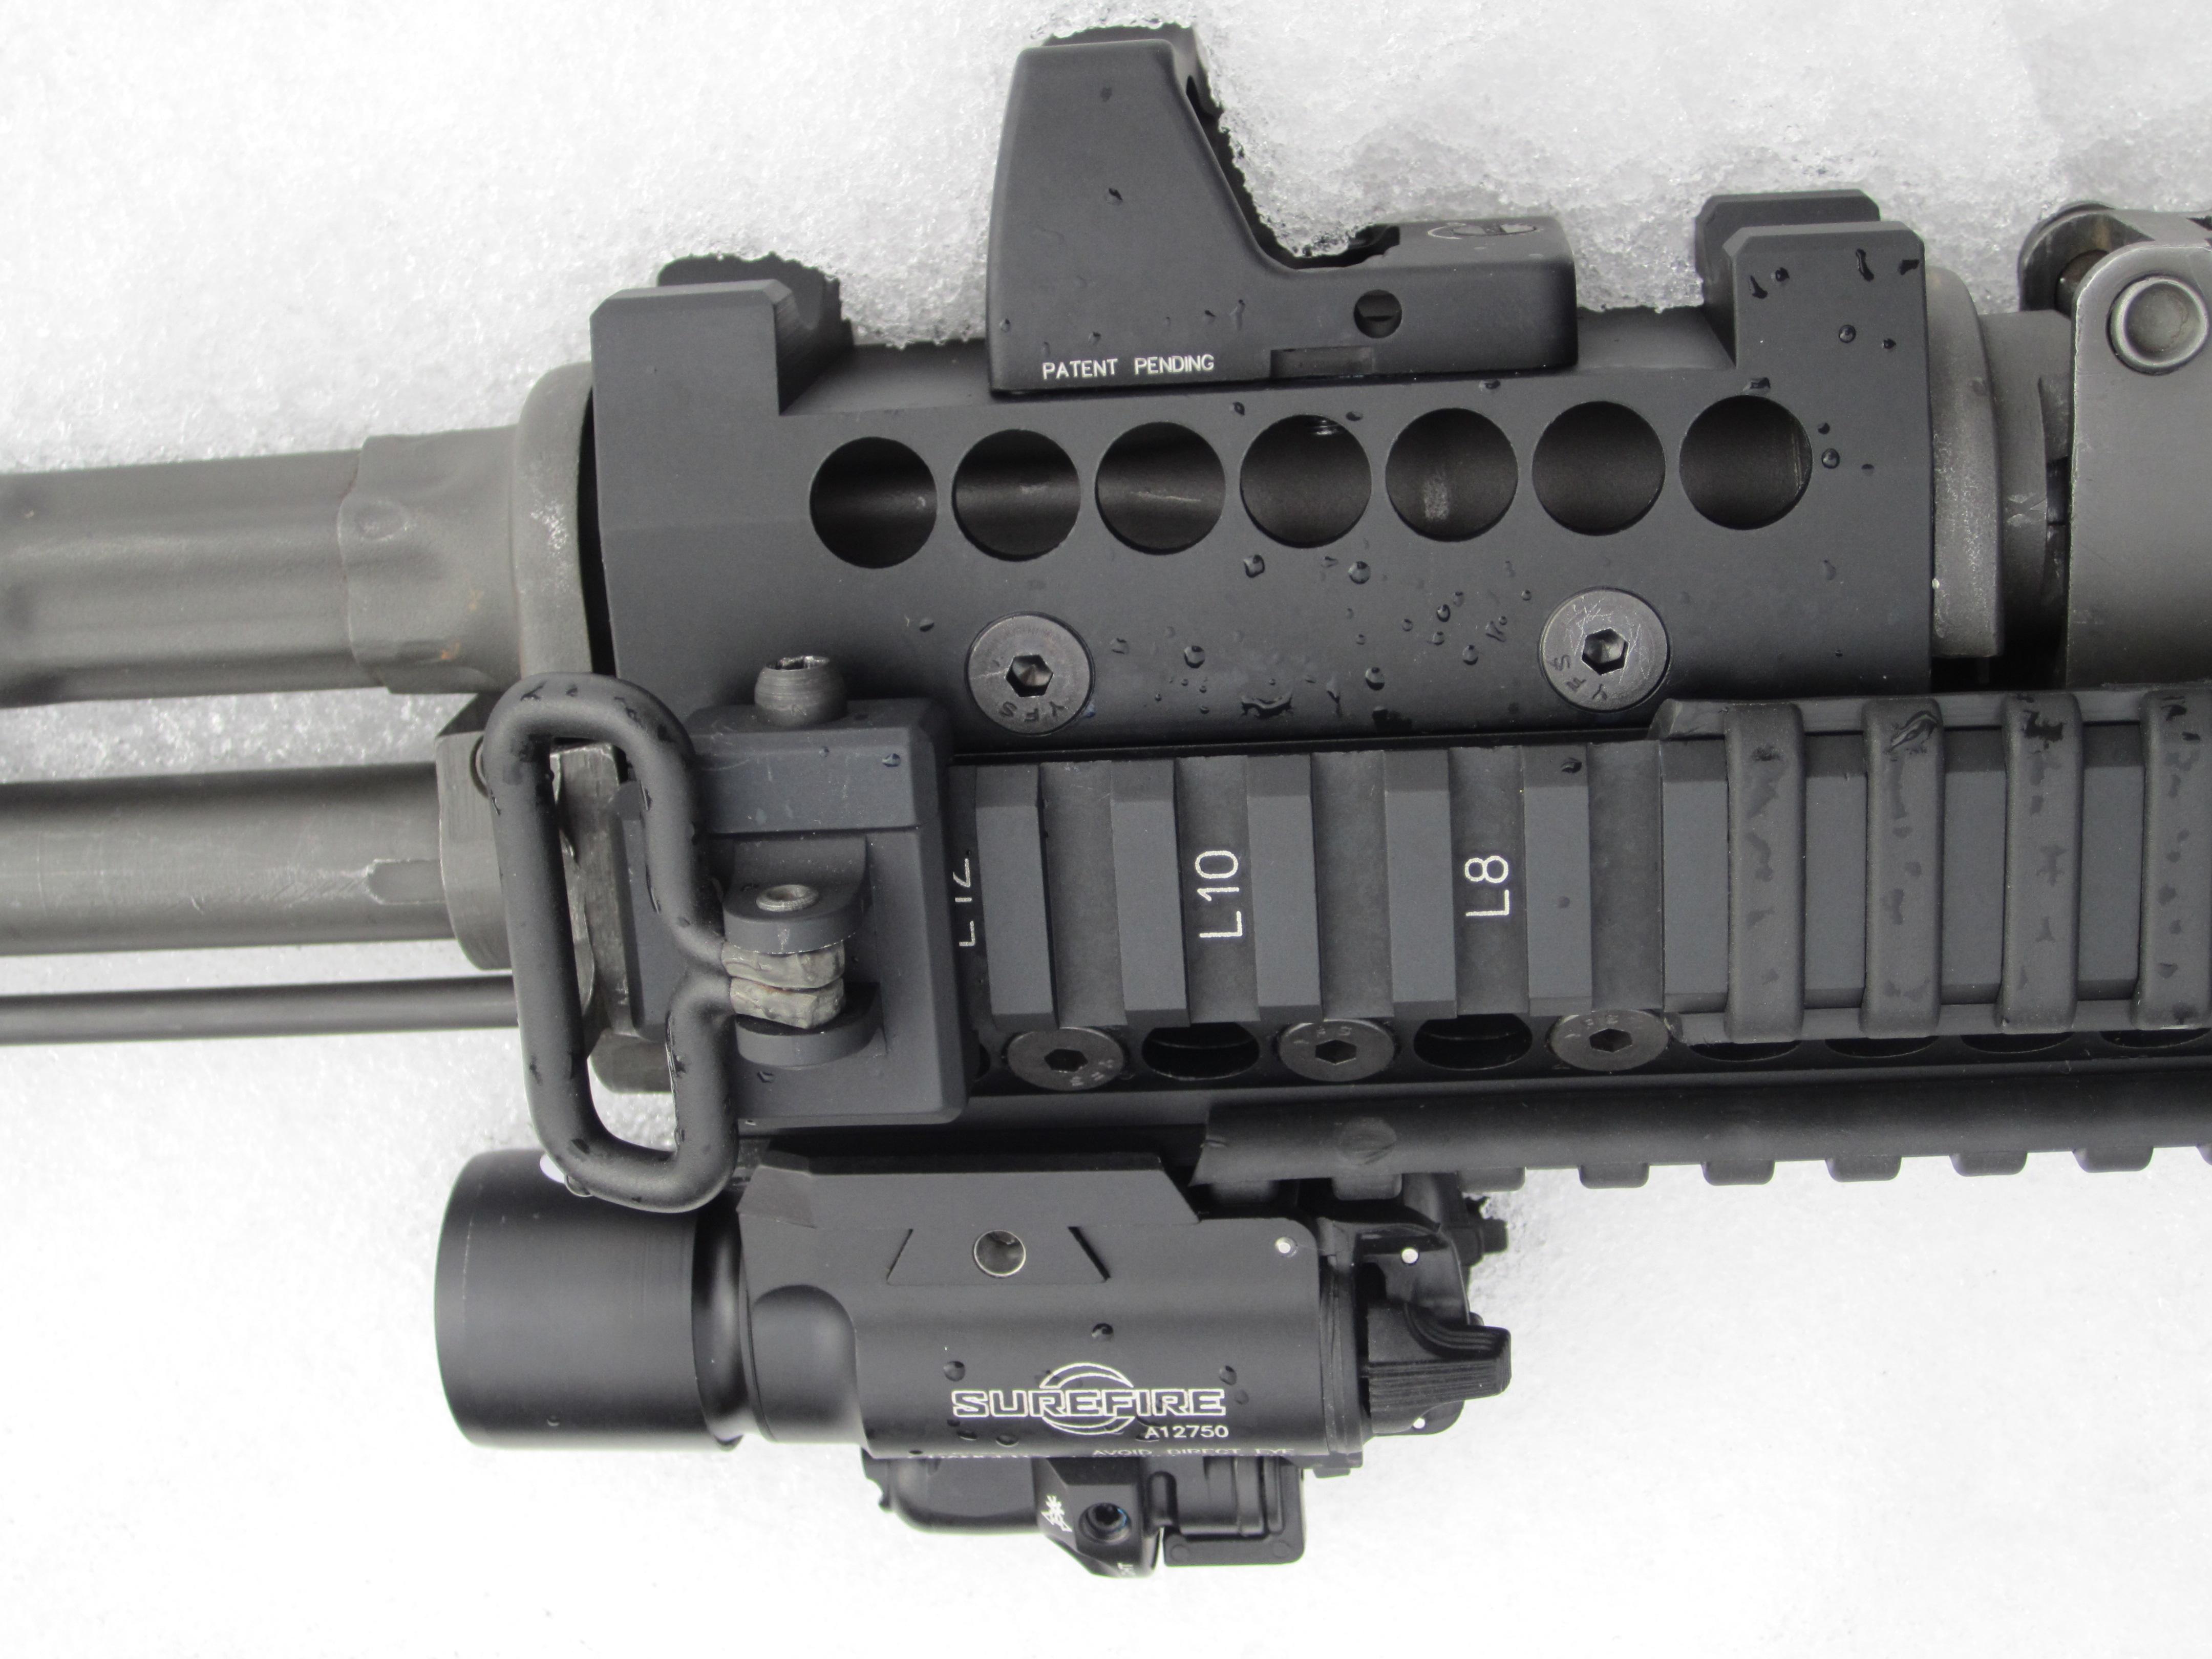 Kalashnikov - Handguards by KahunaSniper on DeviantArt